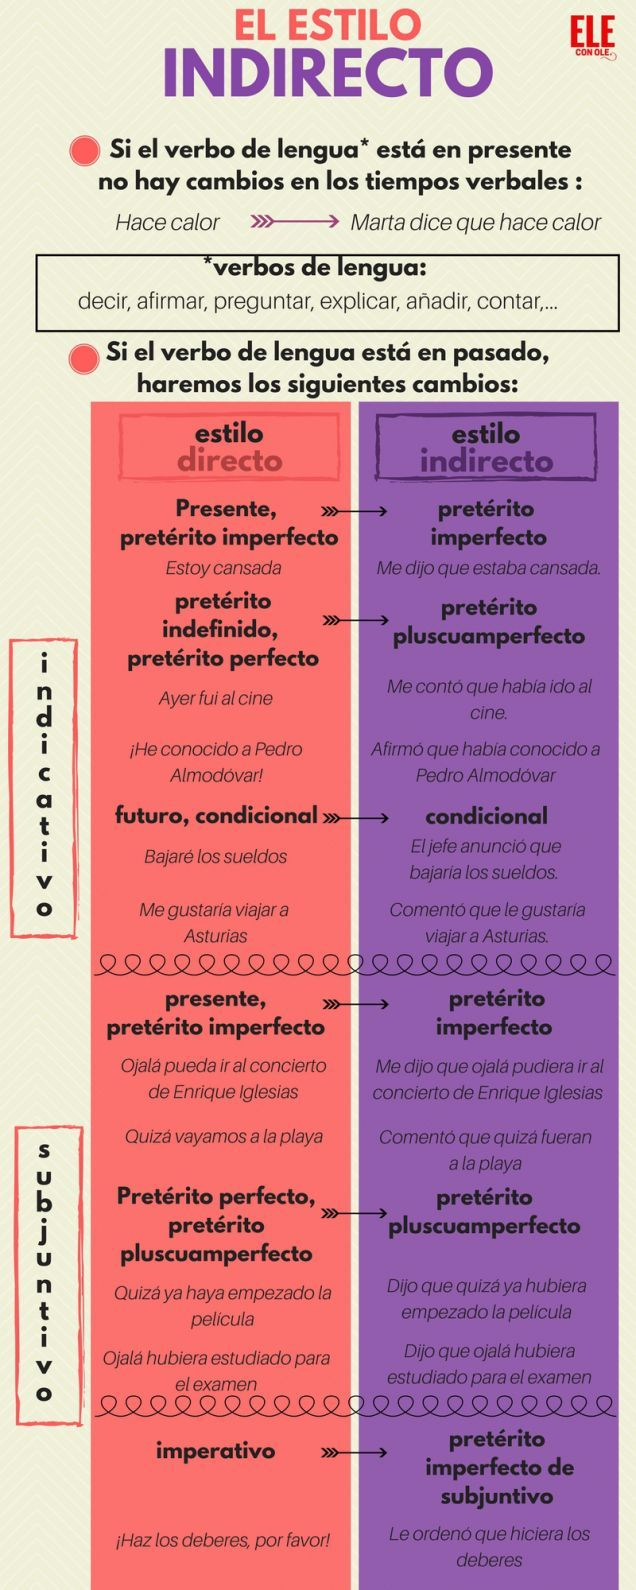 ESTILO INDIRECTO (1)